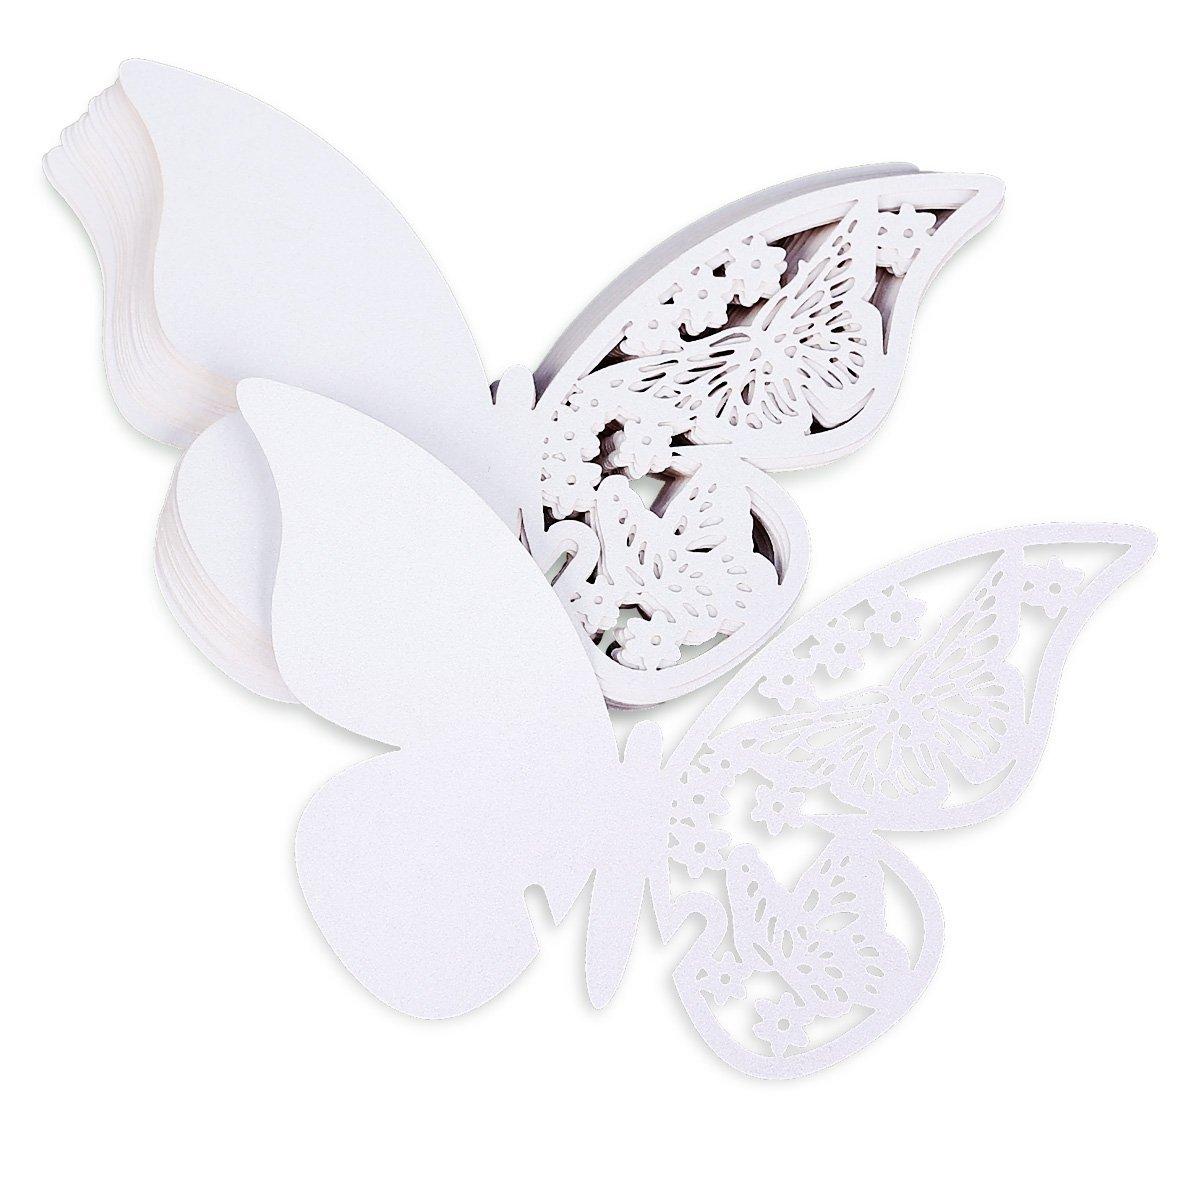 Sonline 20pcs Carte de verre Porte-Noms Marque-Places papillon #941 blanc mariage bapteme decoration